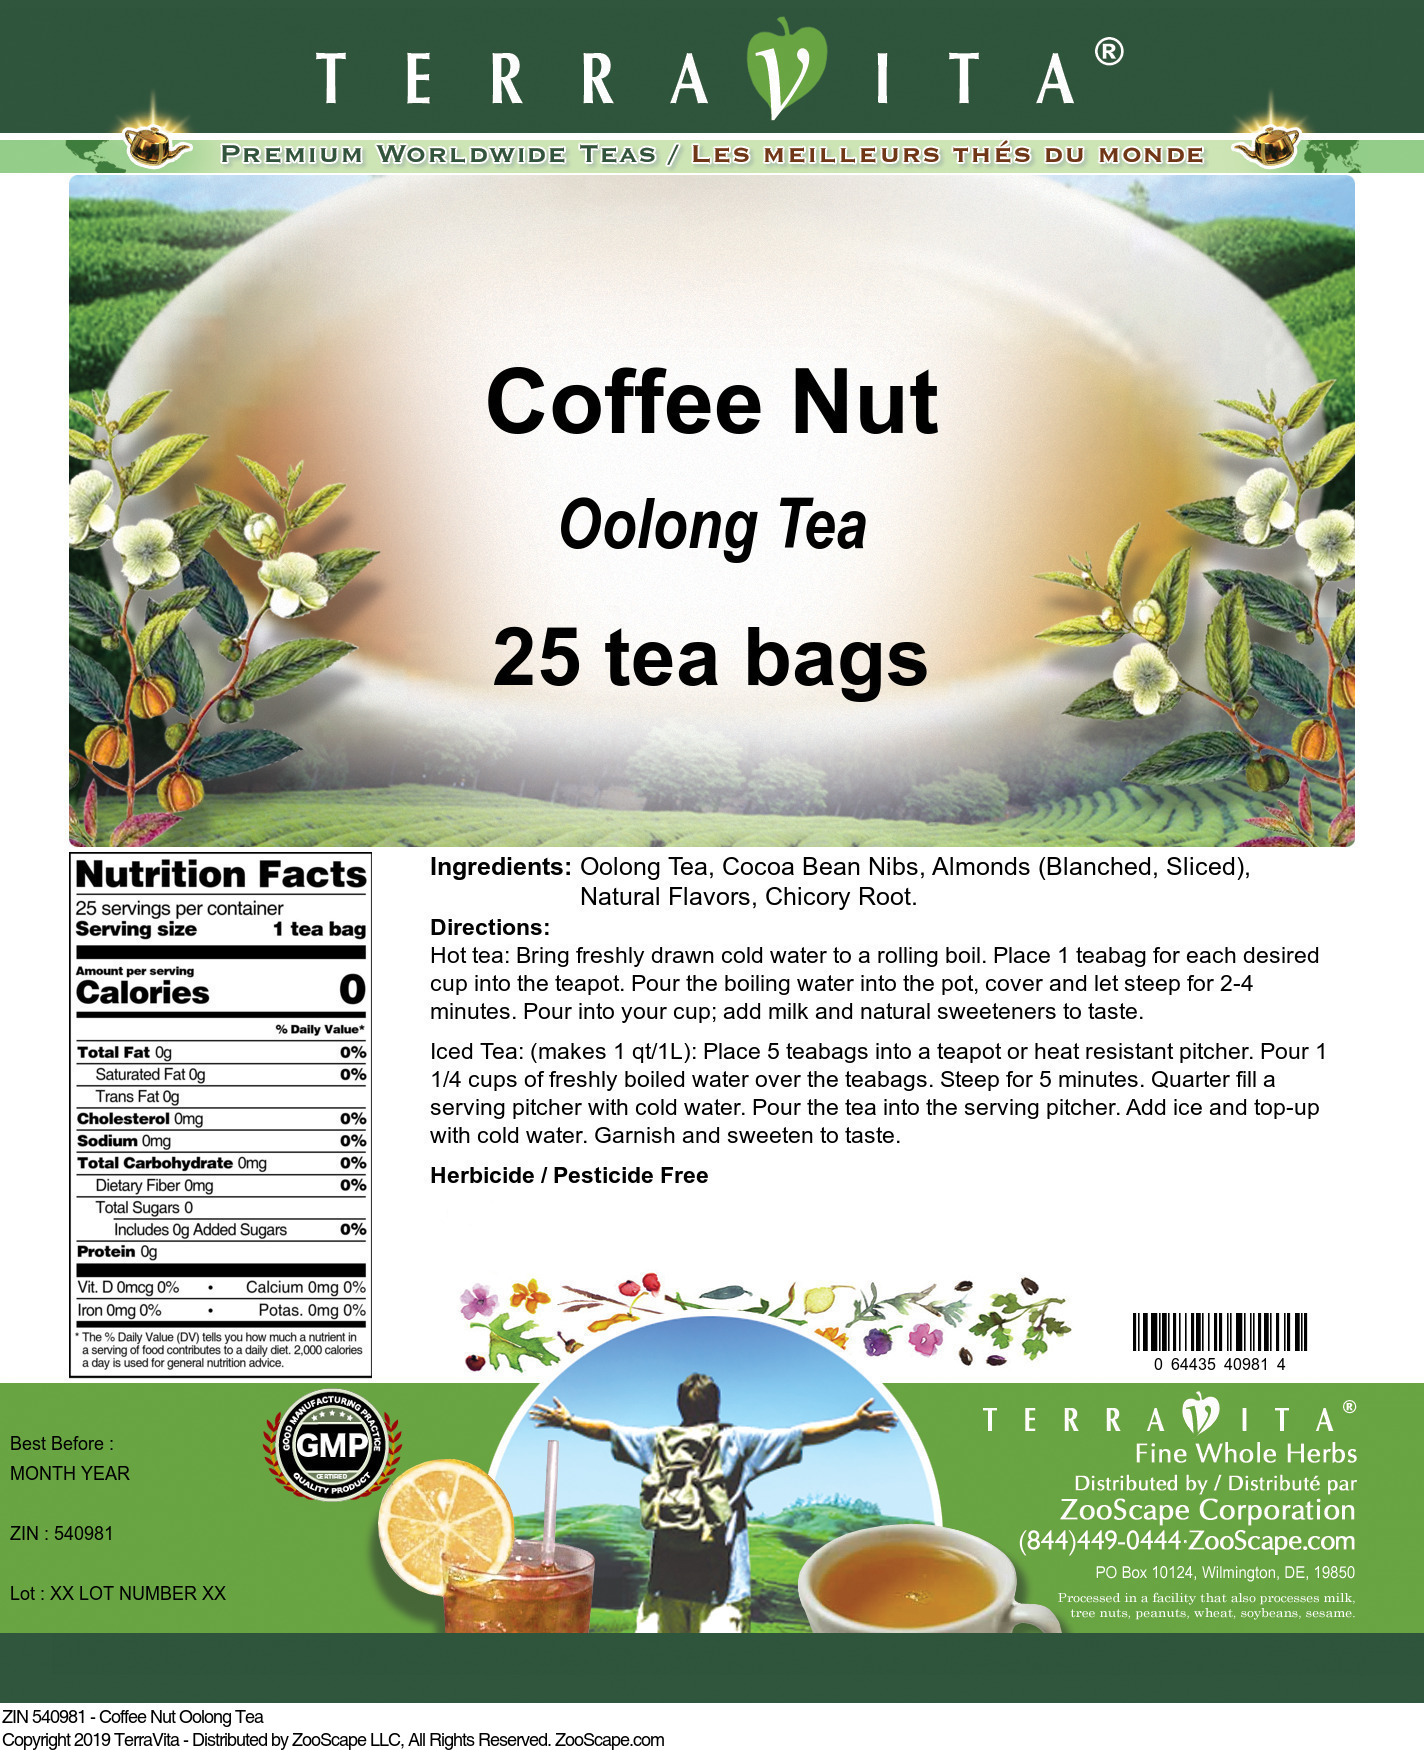 Coffee Nut Oolong Tea